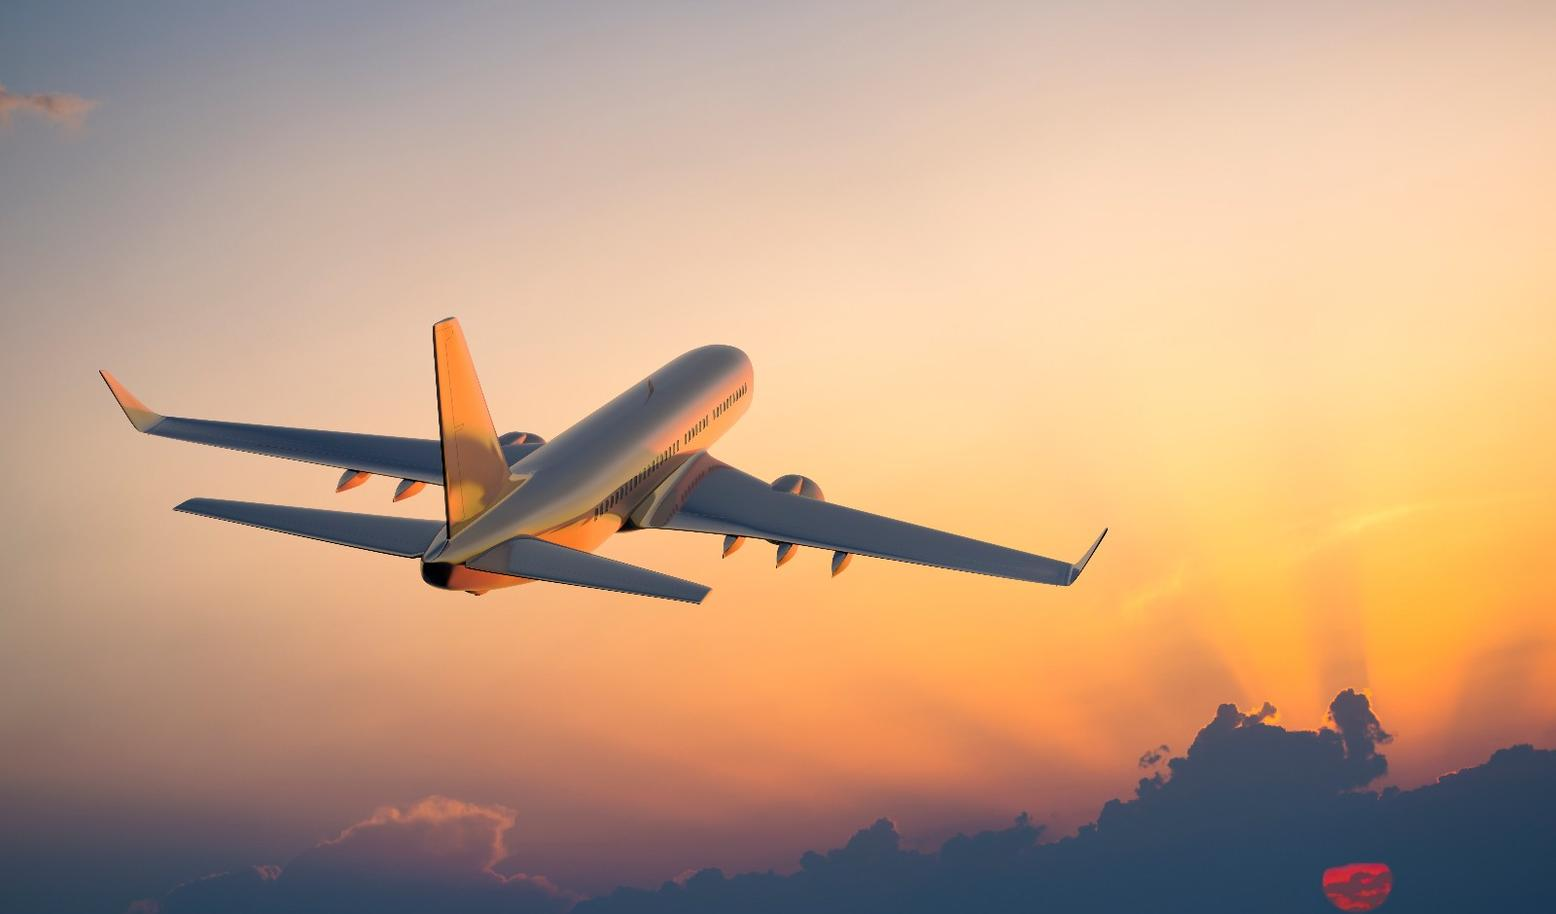 从1月17日东方航空率先发出即将开放空中开机的消息,到18日凌晨海南航空首班开放手机使用的航班落地之后,其他航企的态度也从正在评估阶段变得不淡定了,争先恐后发出自家的机上手机解禁时间表。 据《每日经济新闻》记者不完全统计,截至18日20:00时,包括海南航空、东方航空、祥鹏航空、南方航空、山东航空、厦门航空、春秋航空、四川航空、深圳航空、重庆航空在内的10家航空公司基本已经确定自家航班在机上何时能开机。 2018年伊始,民航业就迎来跨时代的变化,但大部分航空公司解禁所有航班手机使用并不代表乘客坐